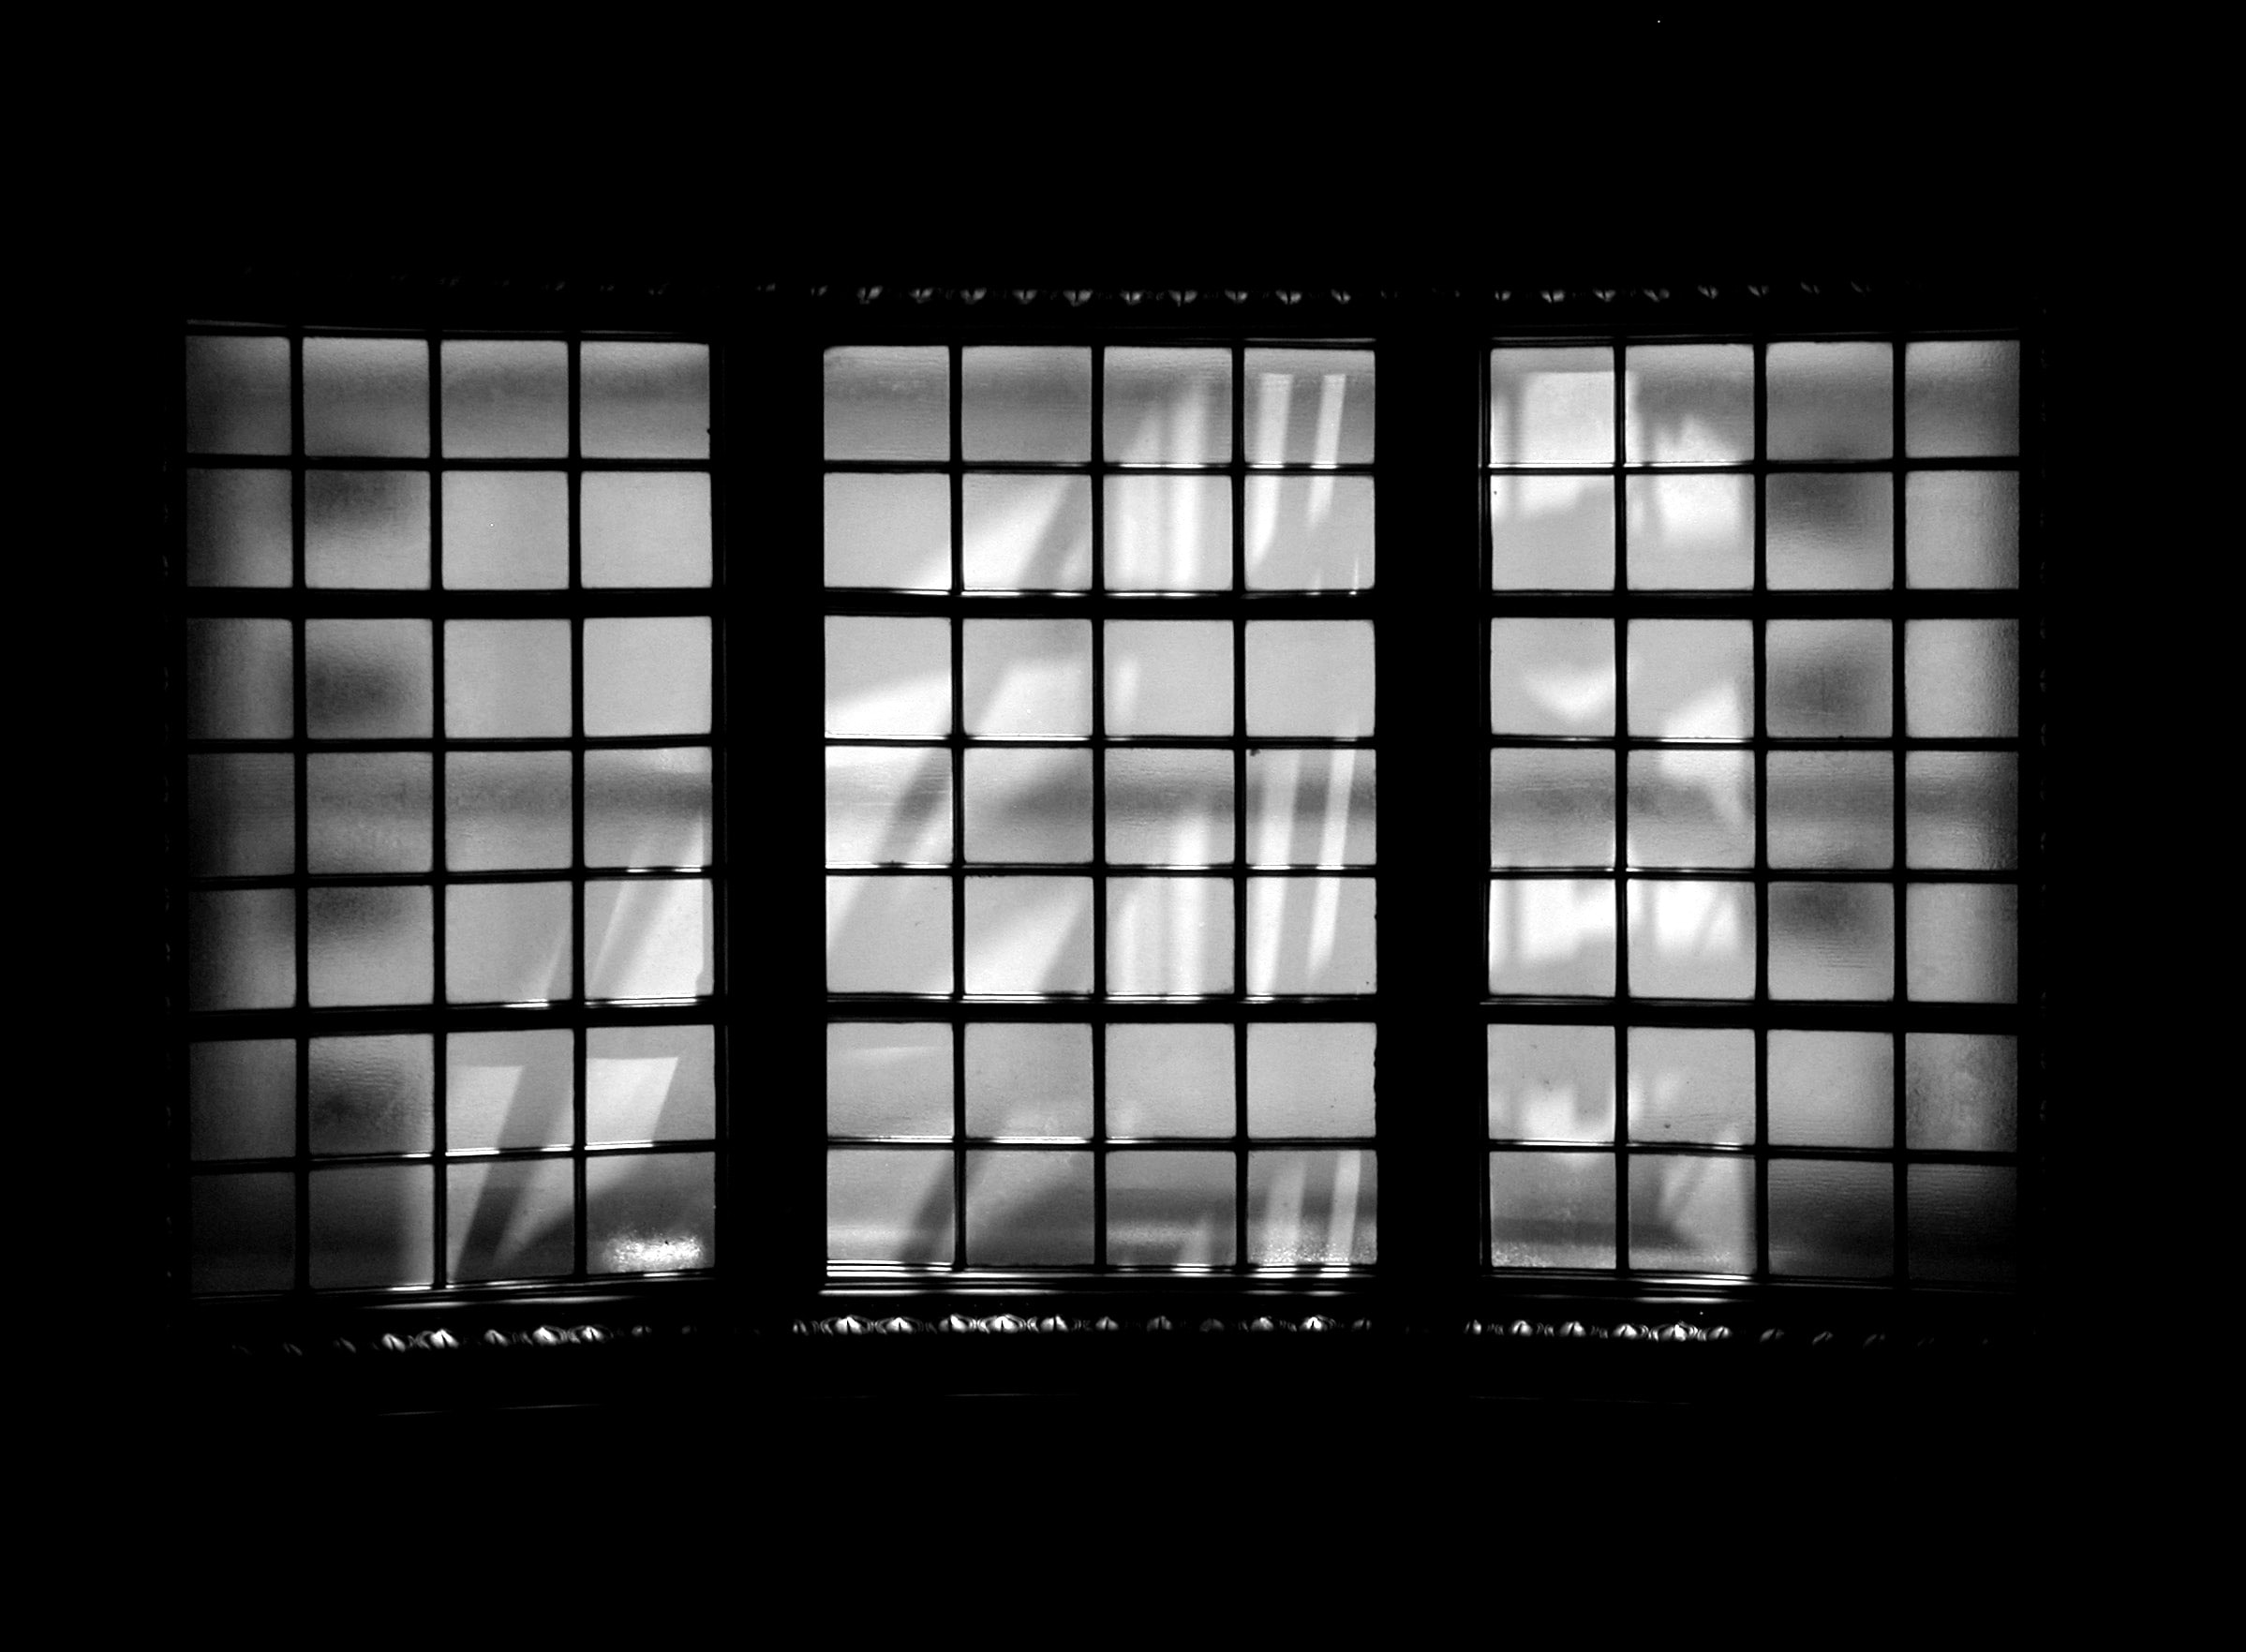 Svartvit bild på fönster.